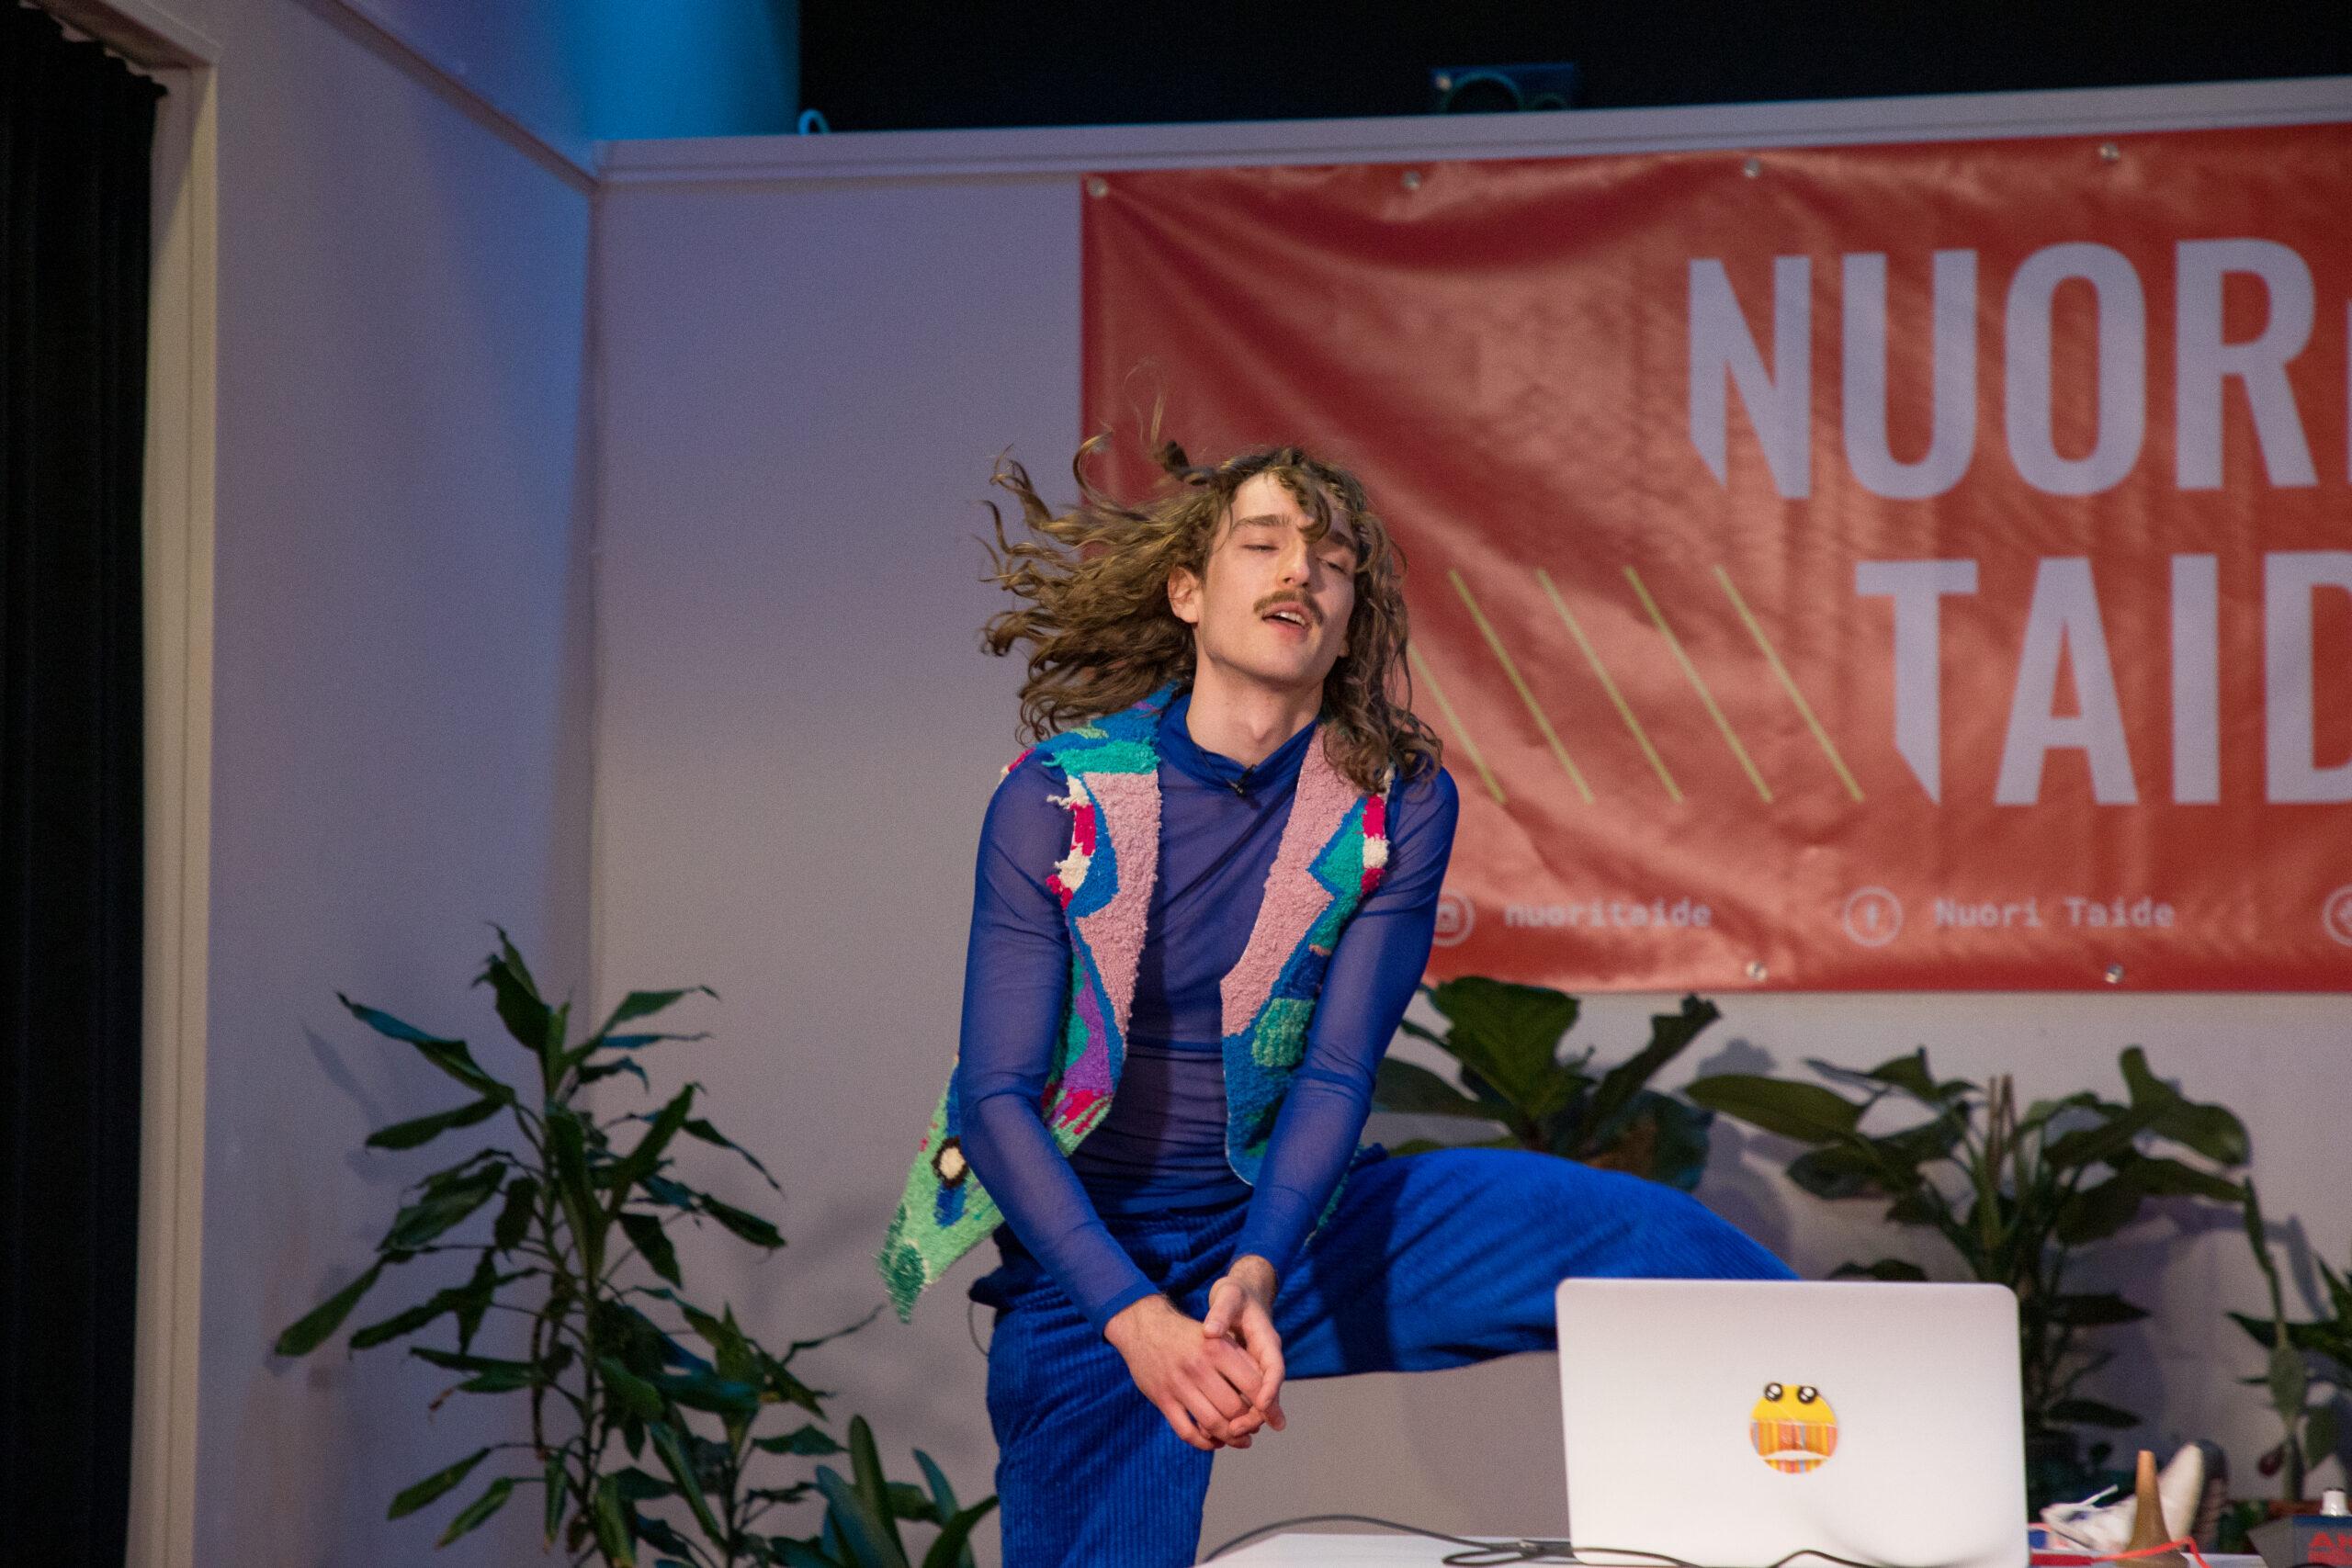 Henkilö hypähtämässä läppärin takana hiukset hulmahtaen